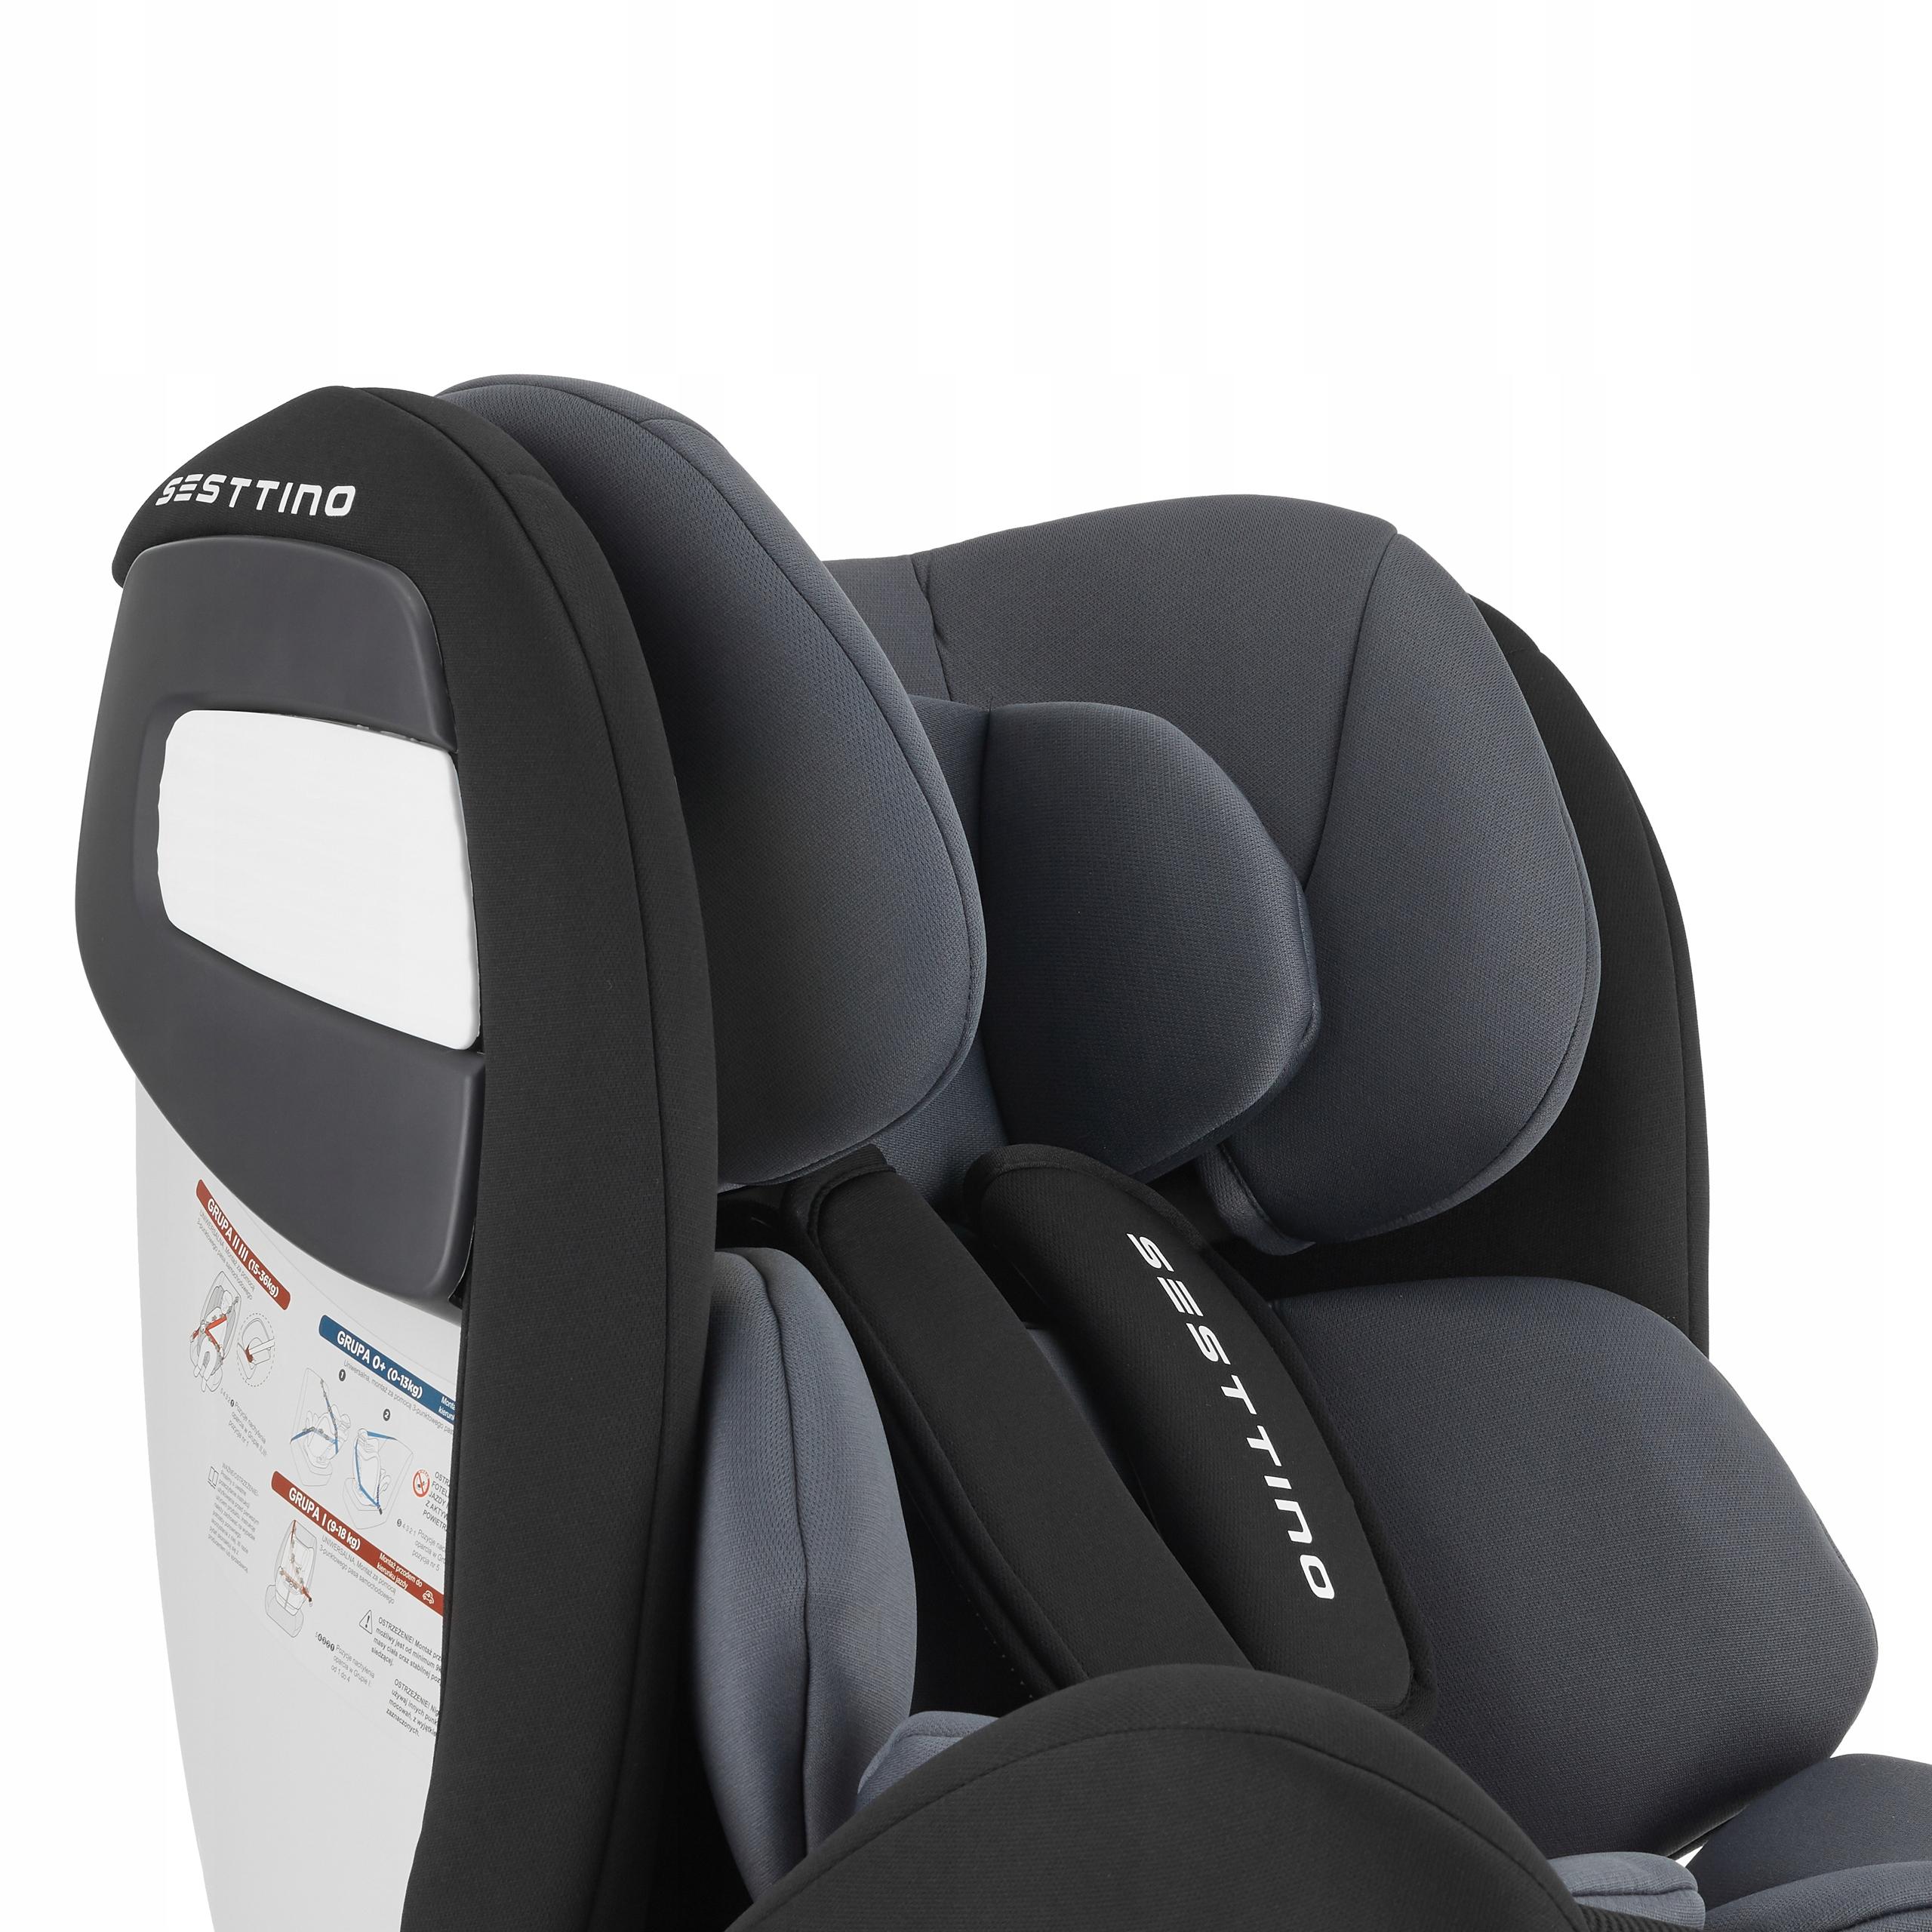 Fotelik Samochodowy Sesttino Route ISOFIX 0-36kg Informacje dodatkowe Isofix Regulacja pozycji dziecka Regulacja siedziska Regulacja zagłówka Zdejmowana tapicerka